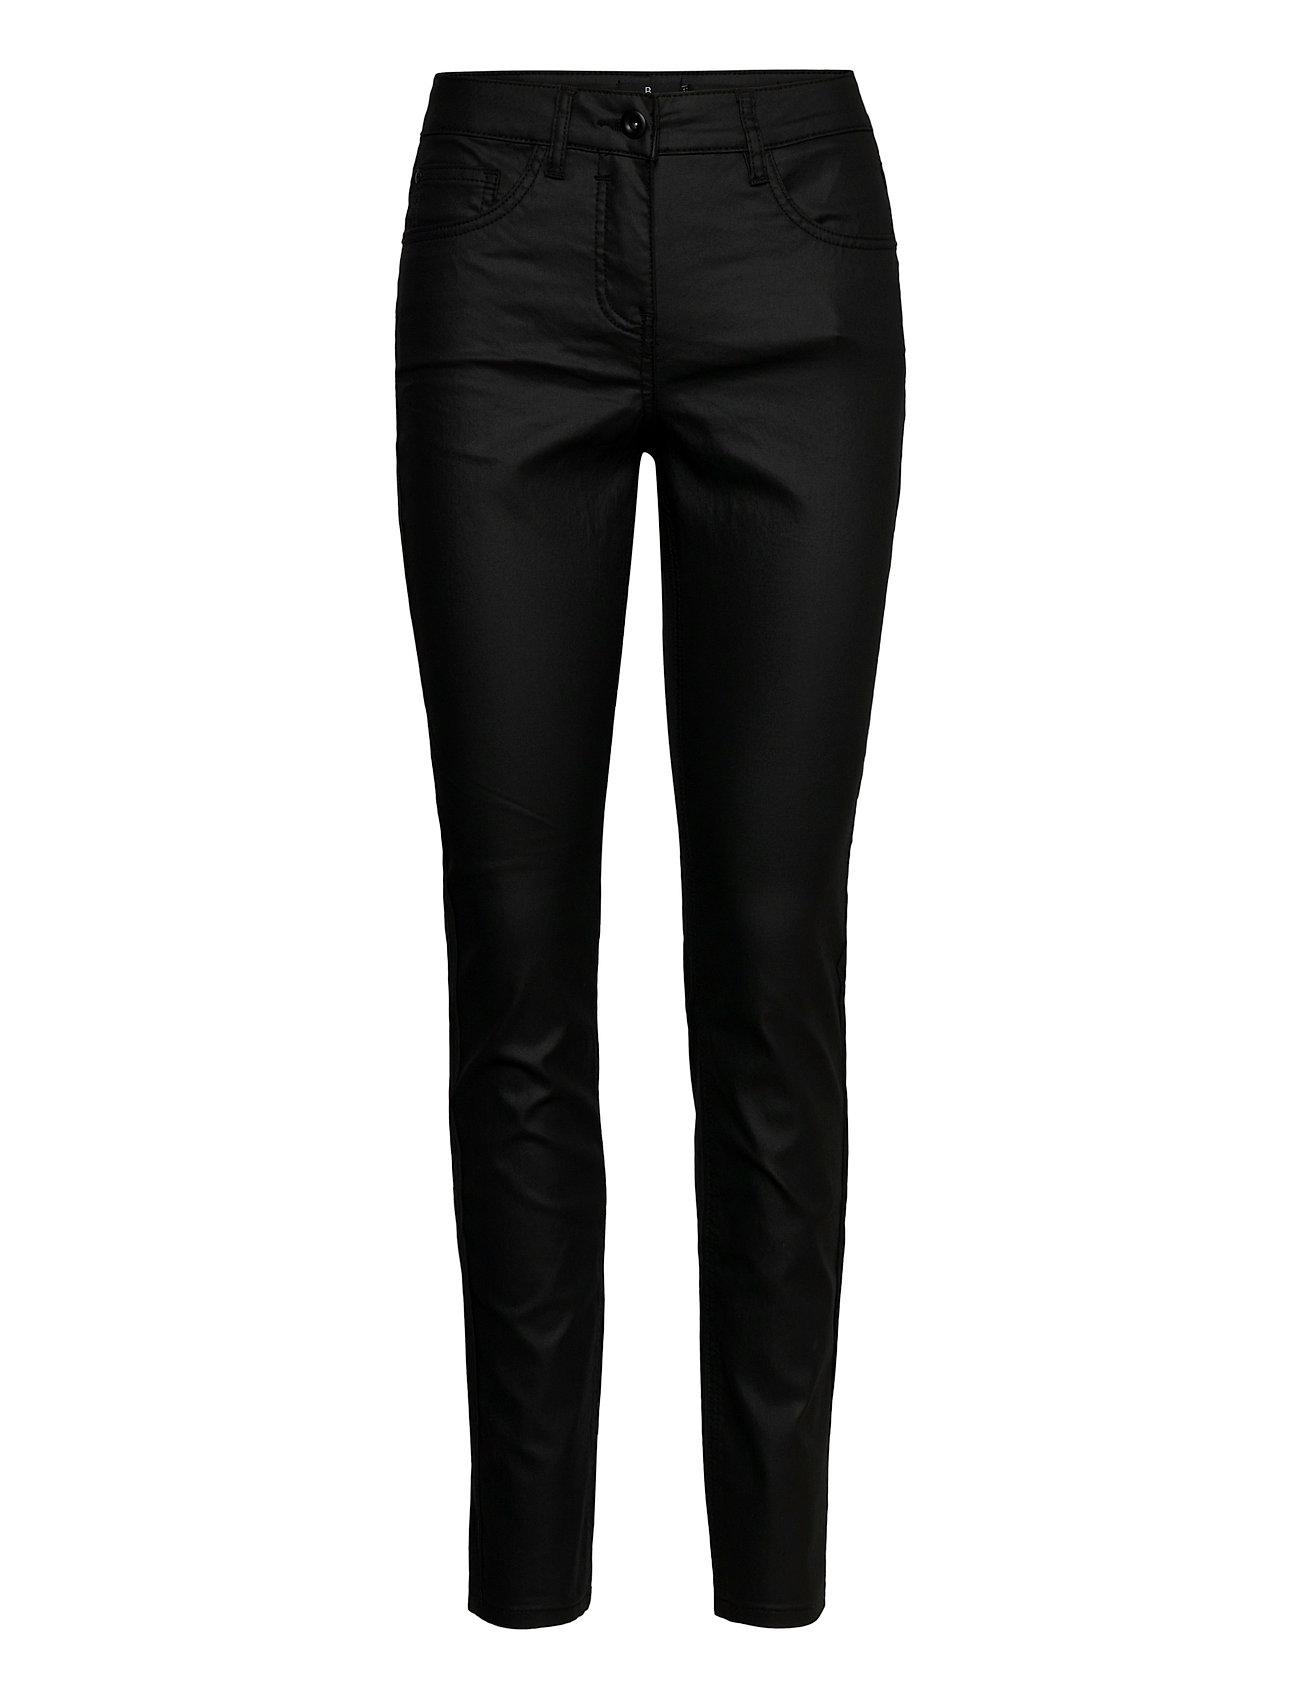 Image of Casual Pants Casual Bukser Sort Brandtex (3441994335)